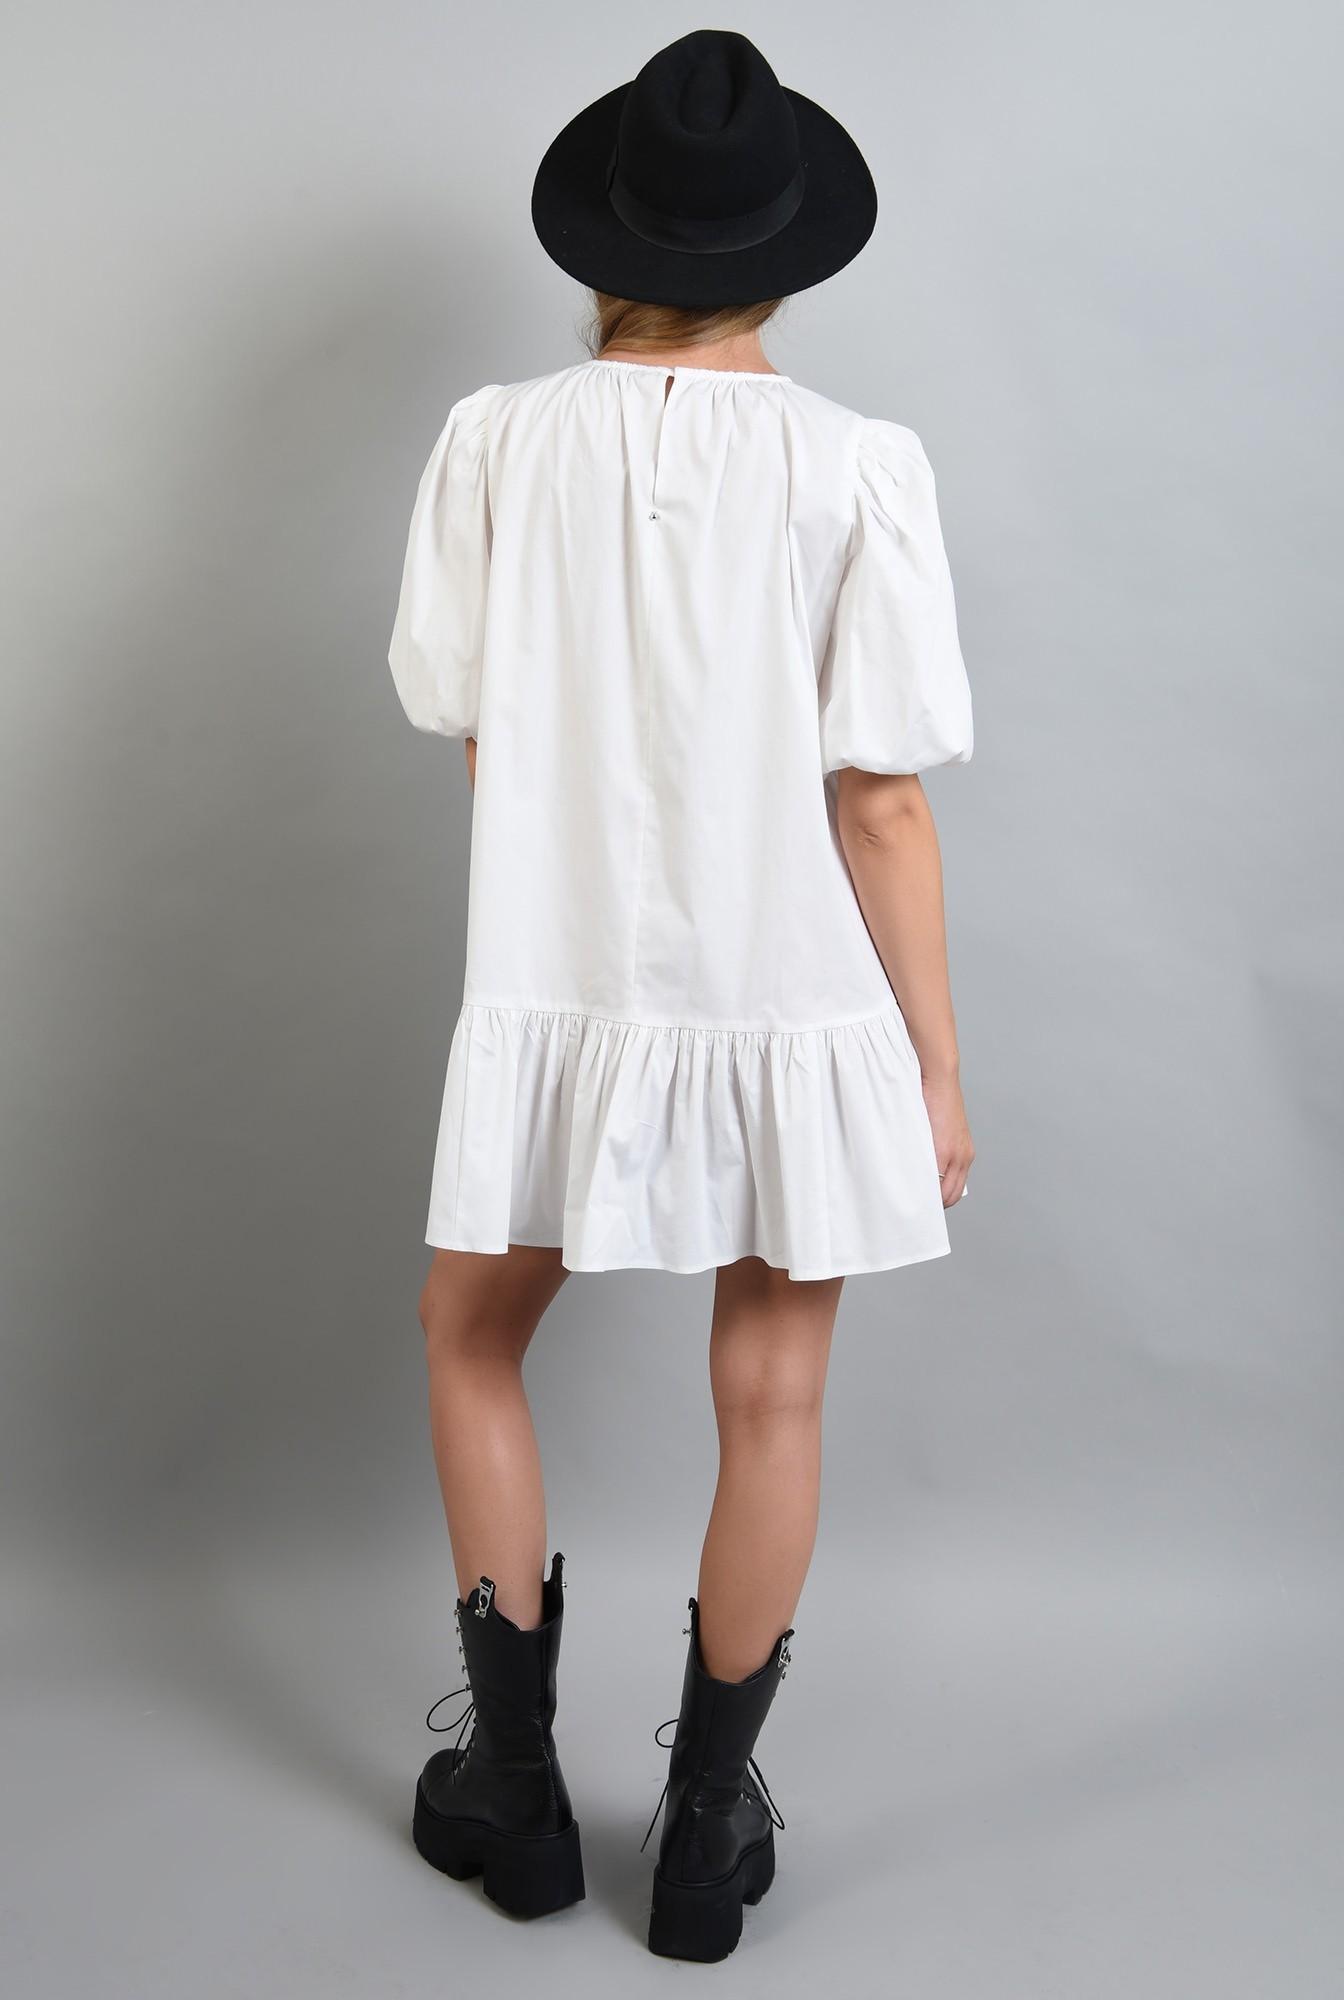 1 - 360 - rochie scurta alba, cu volan, maneci bufante, Poema